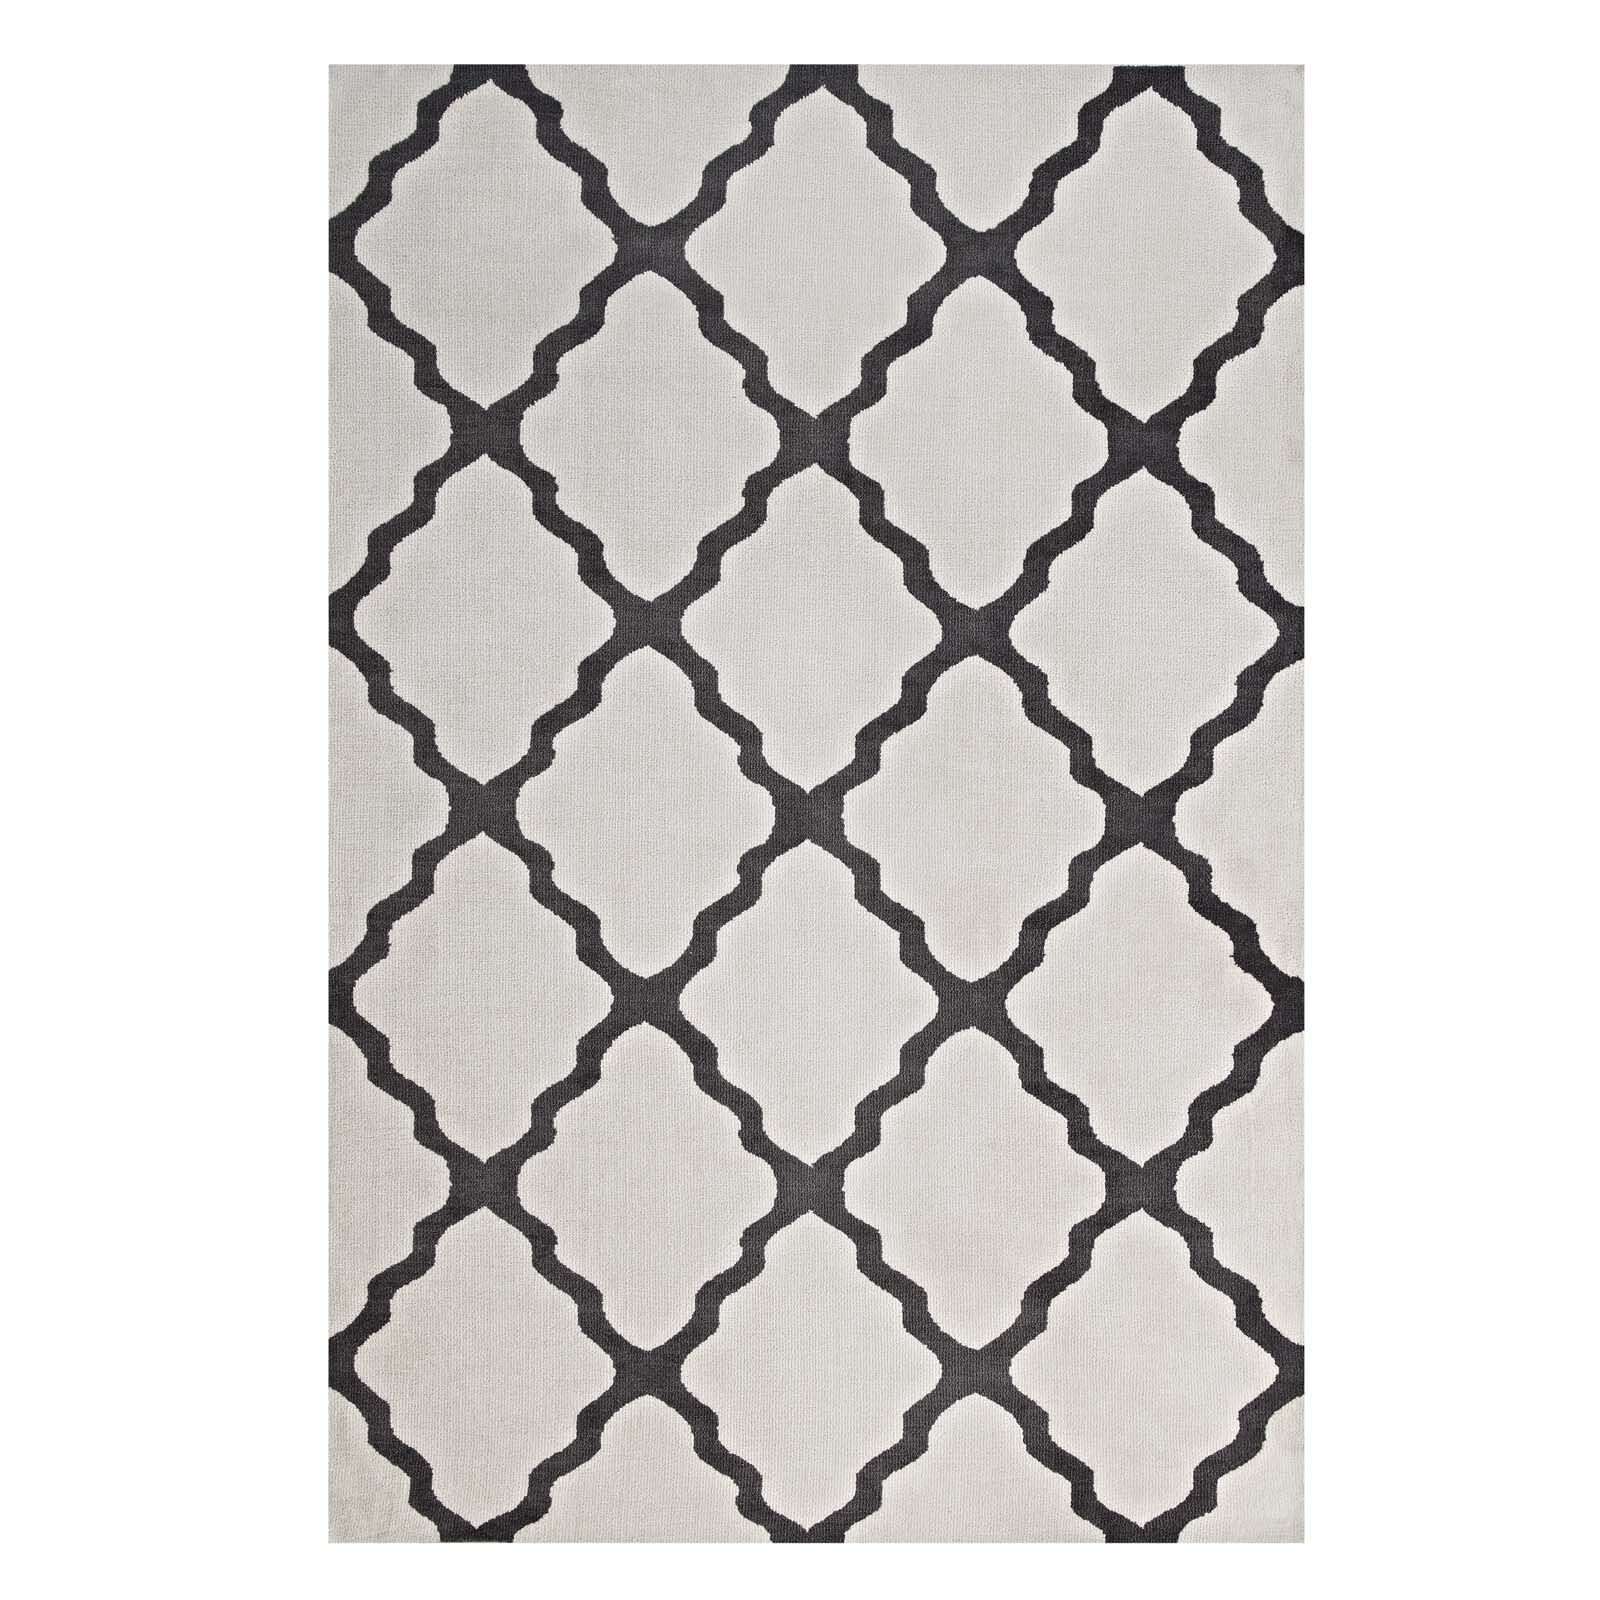 Tylersburg Moroccan Trellis Ivory/Charcoal Area Rug Rug Size: Rectangle 8' x 10'